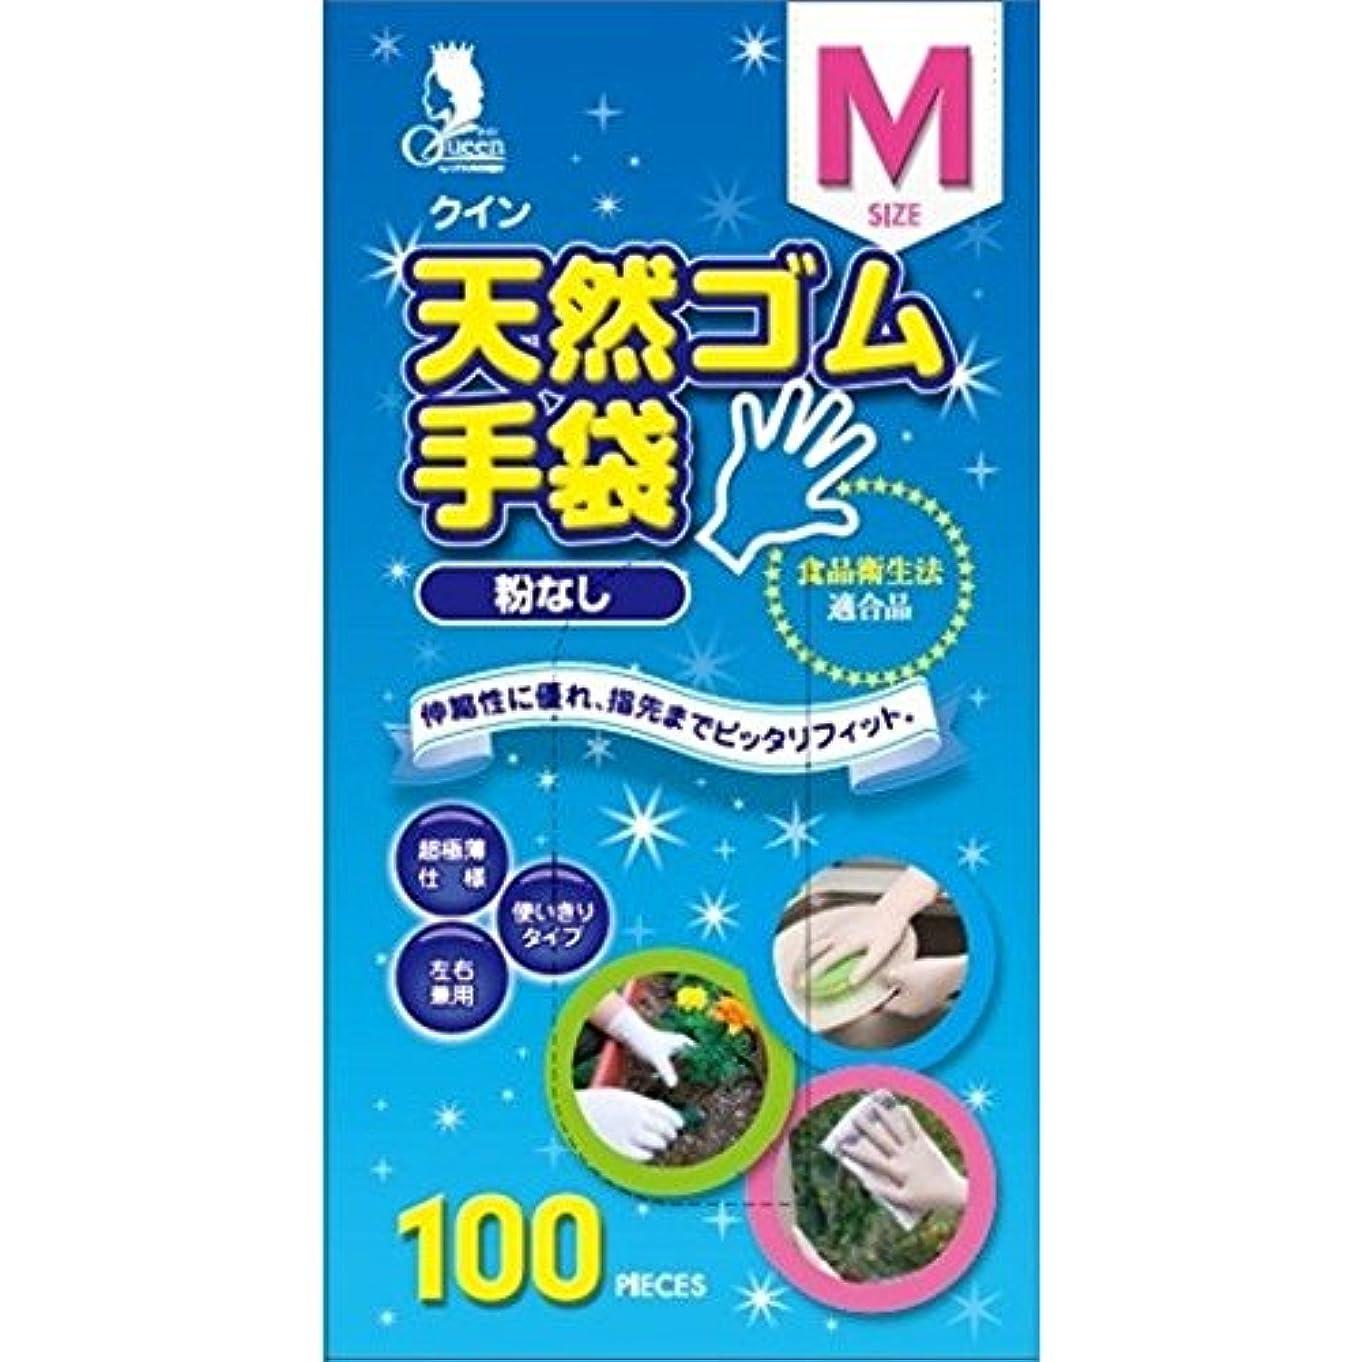 愛請求可能満州宇都宮製作 クイン 天然ゴム手袋 Mサイズ 100枚